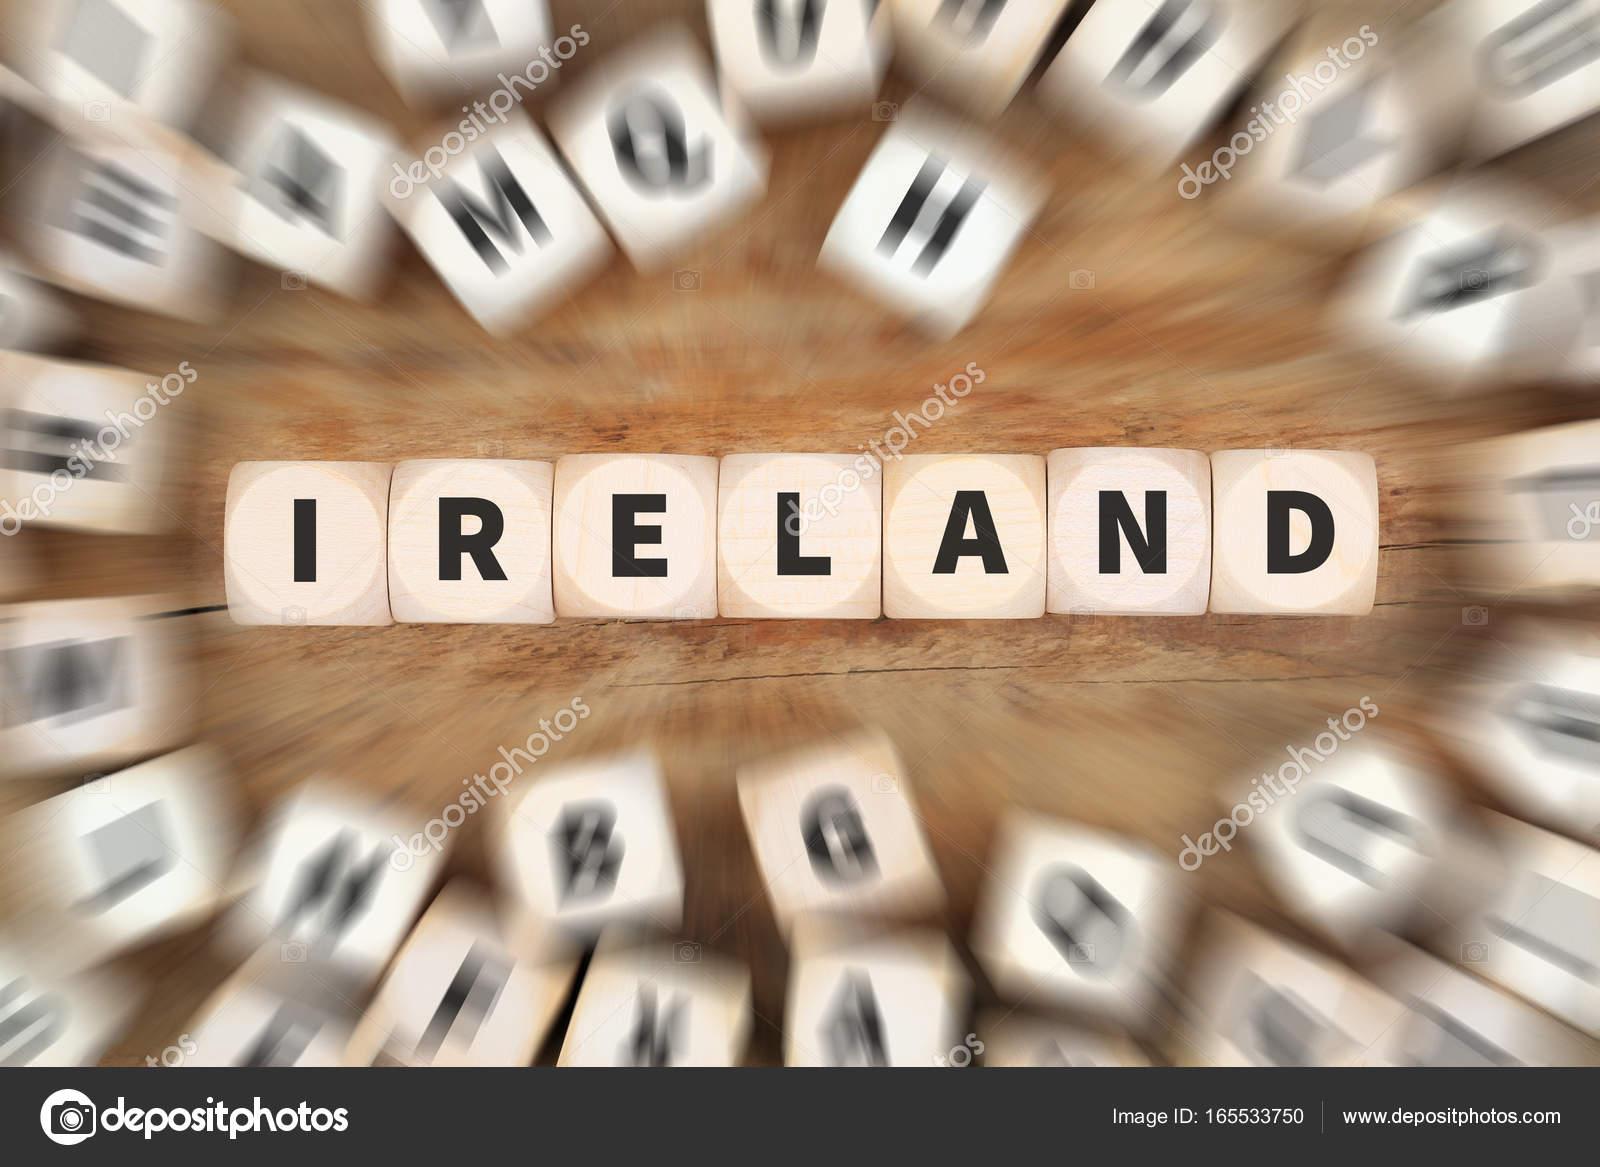 Бизнес идеи в ирландии бизнес идея химчистка обуви